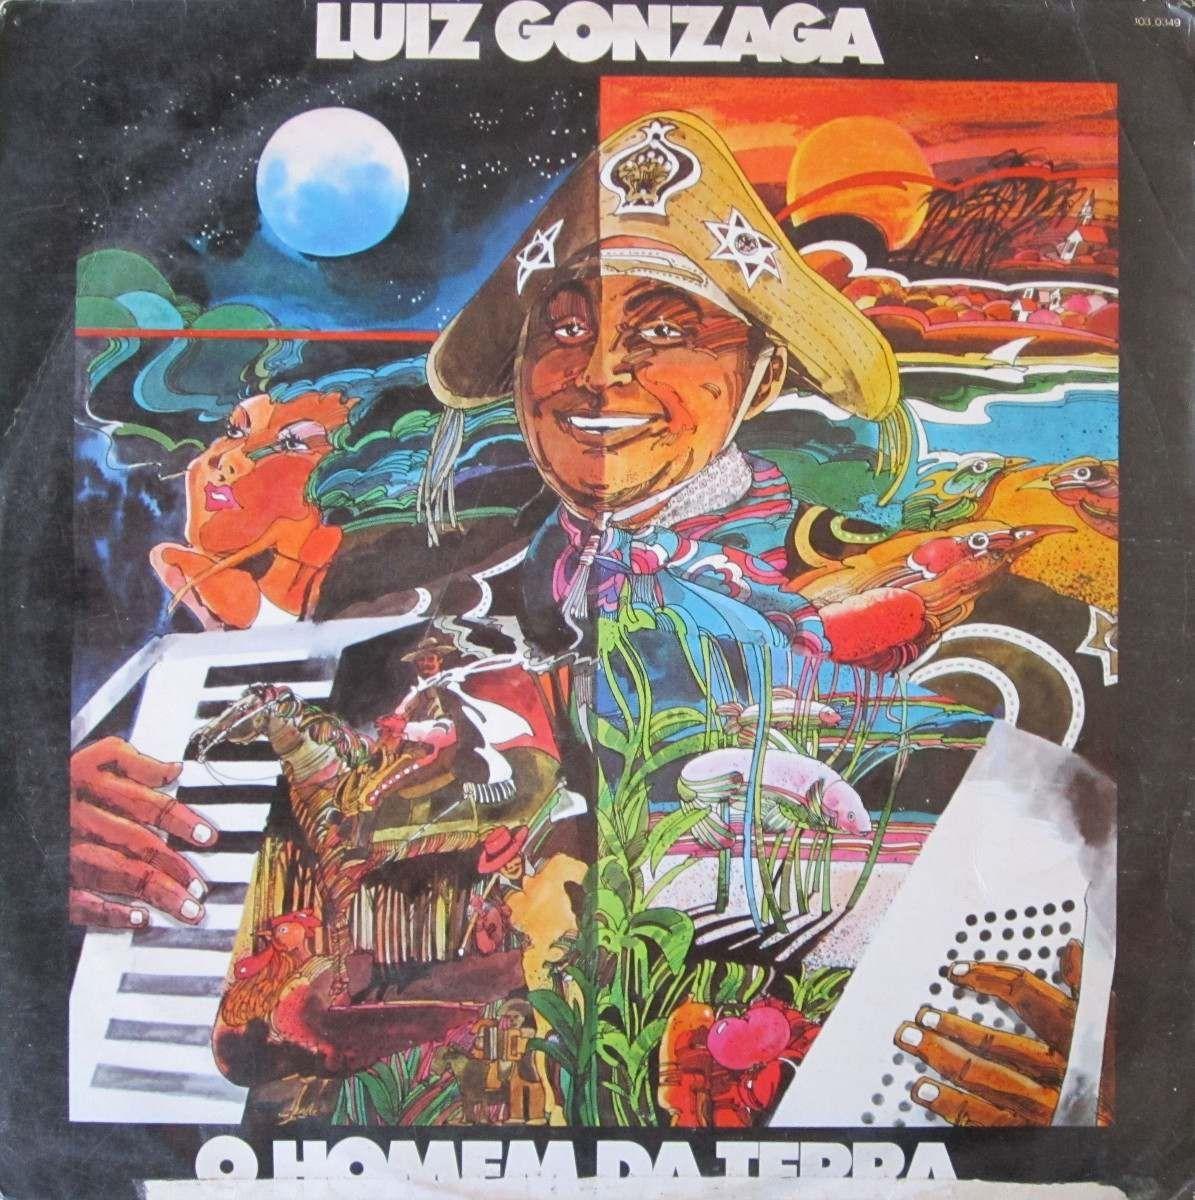 LUIZ BAIXAR BOM DVD GONZAGA DANADO PARA DE